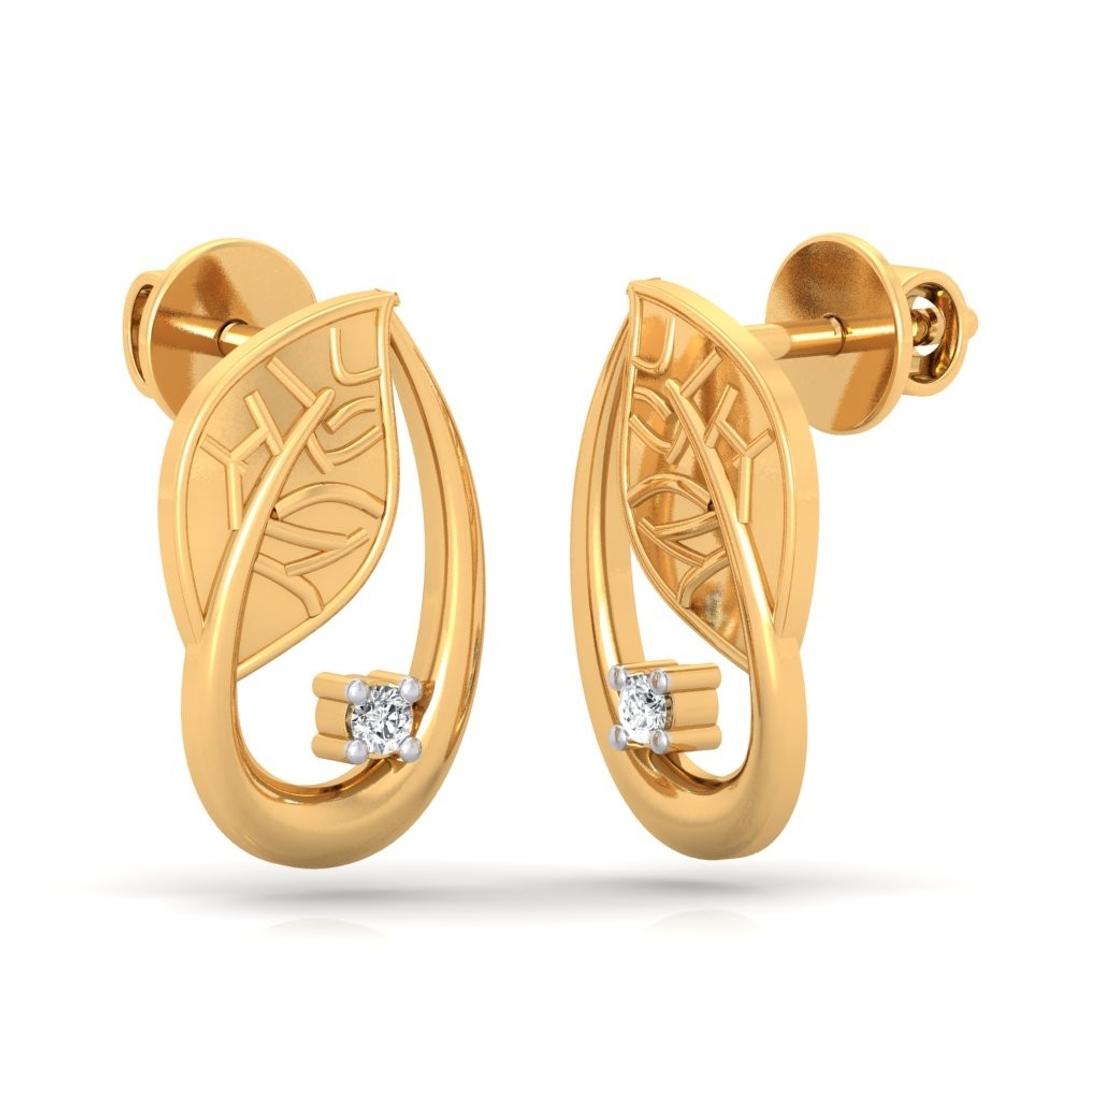 Sarvada Jewels' The Regal Leaf Earrings